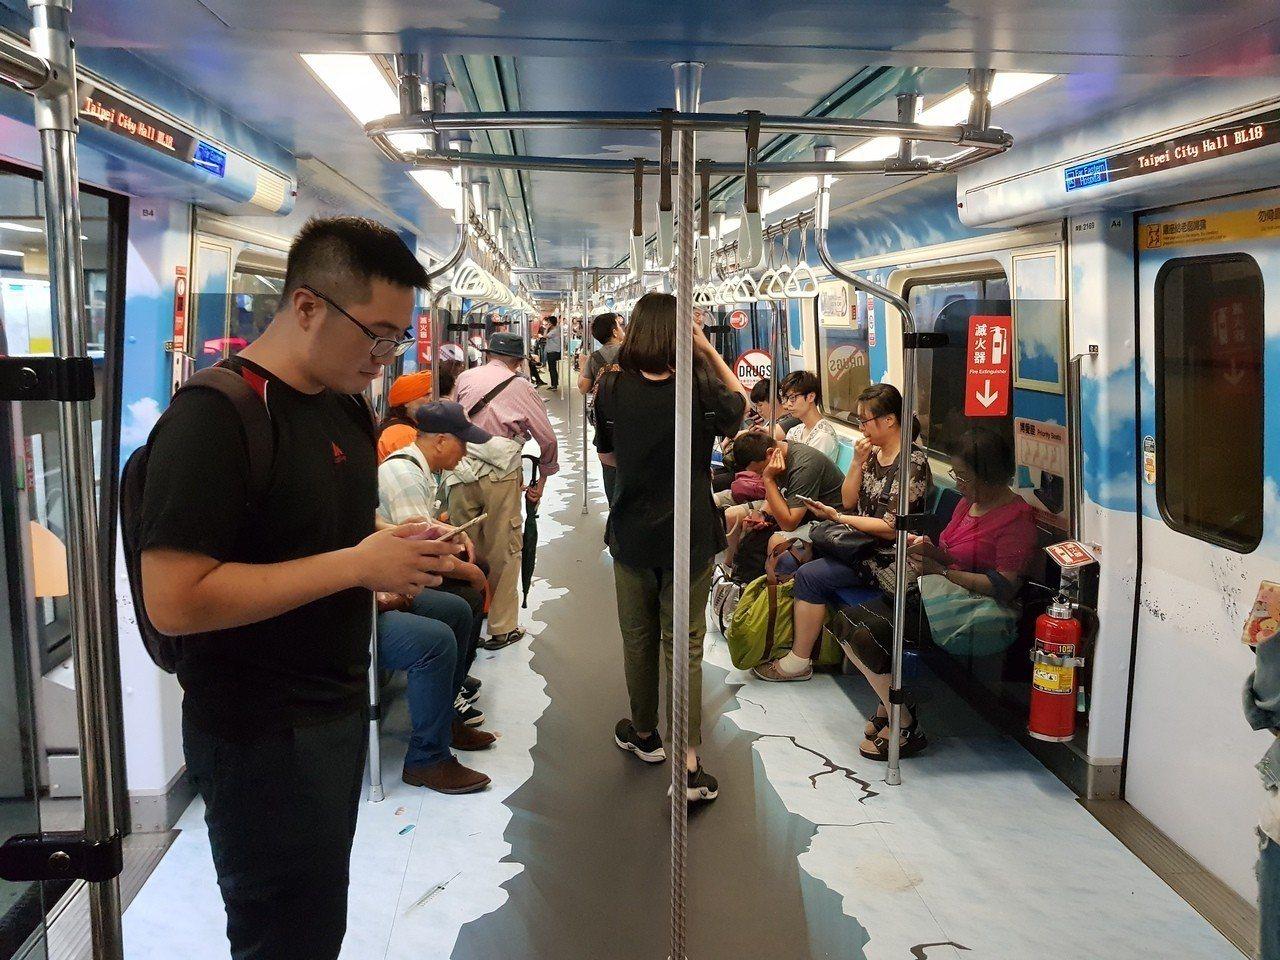 台北捷運規畫以鄰近日本旅客熱門景點之車站增設列車到站日語廣播。。 聯合報系資料照...